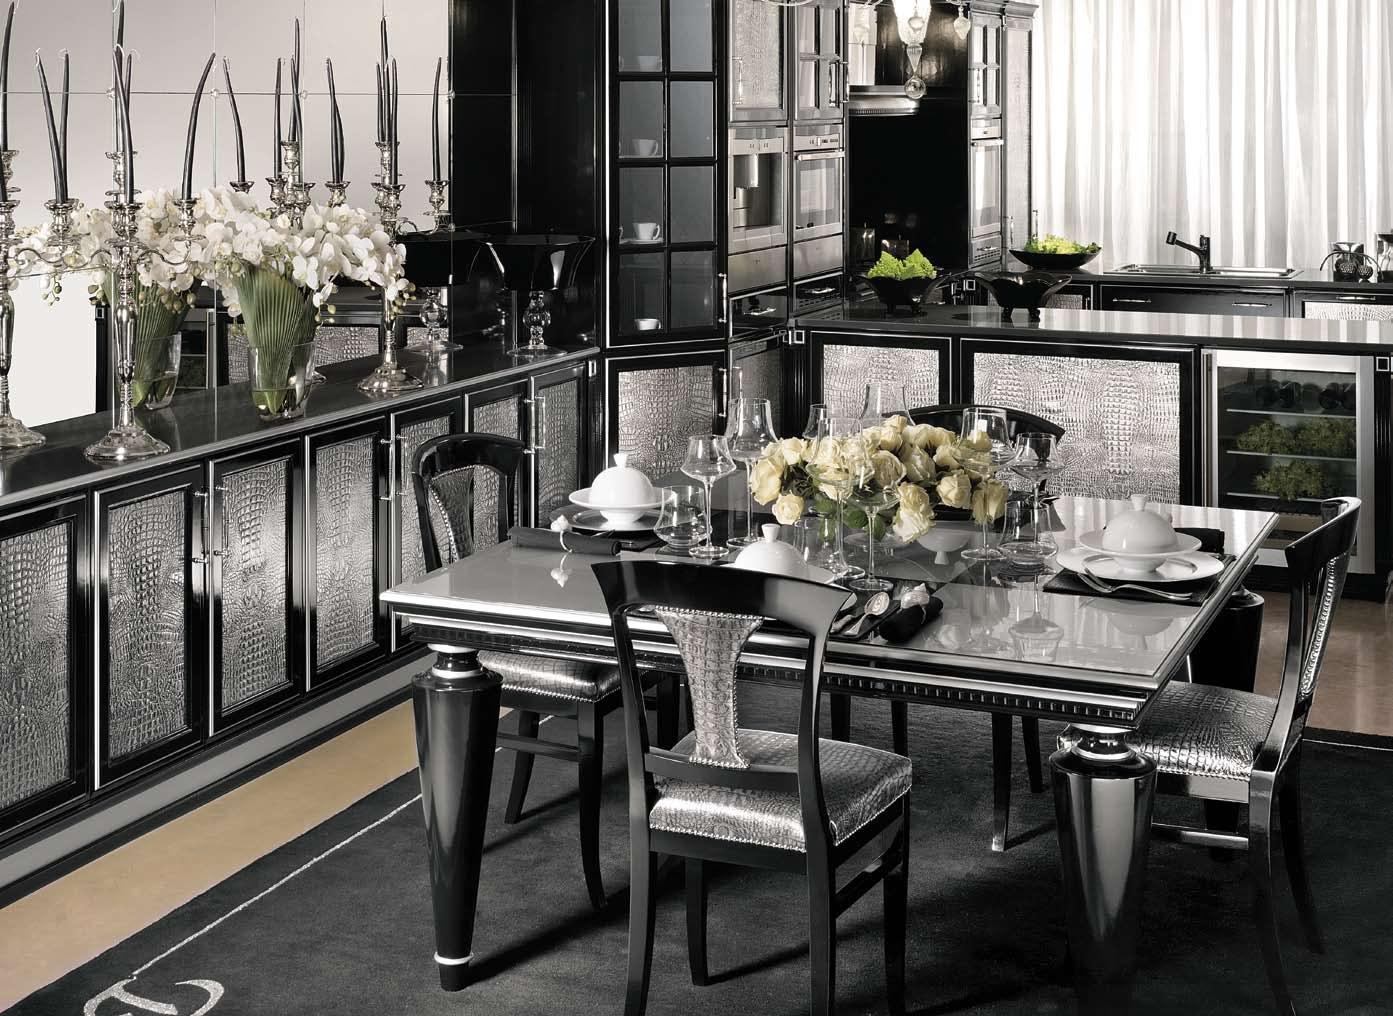 Особенности стиля – это смелая геометрия мебели и интерьера